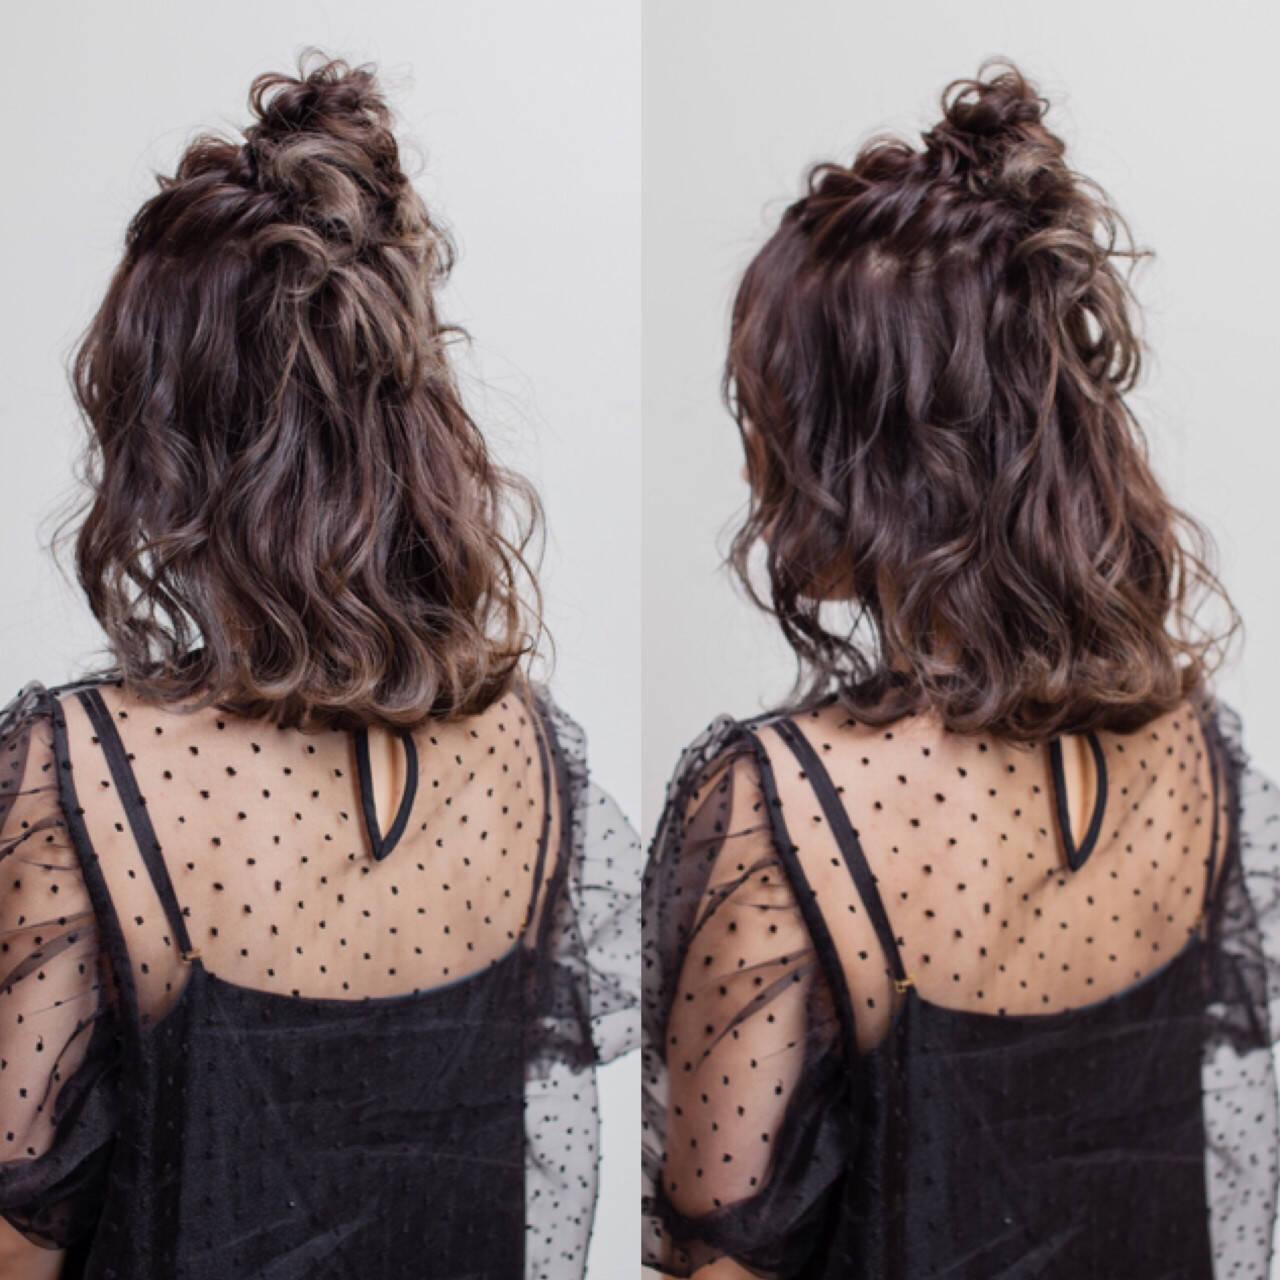 フェミニン お団子 ミディアム ヘアアレンジヘアスタイルや髪型の写真・画像